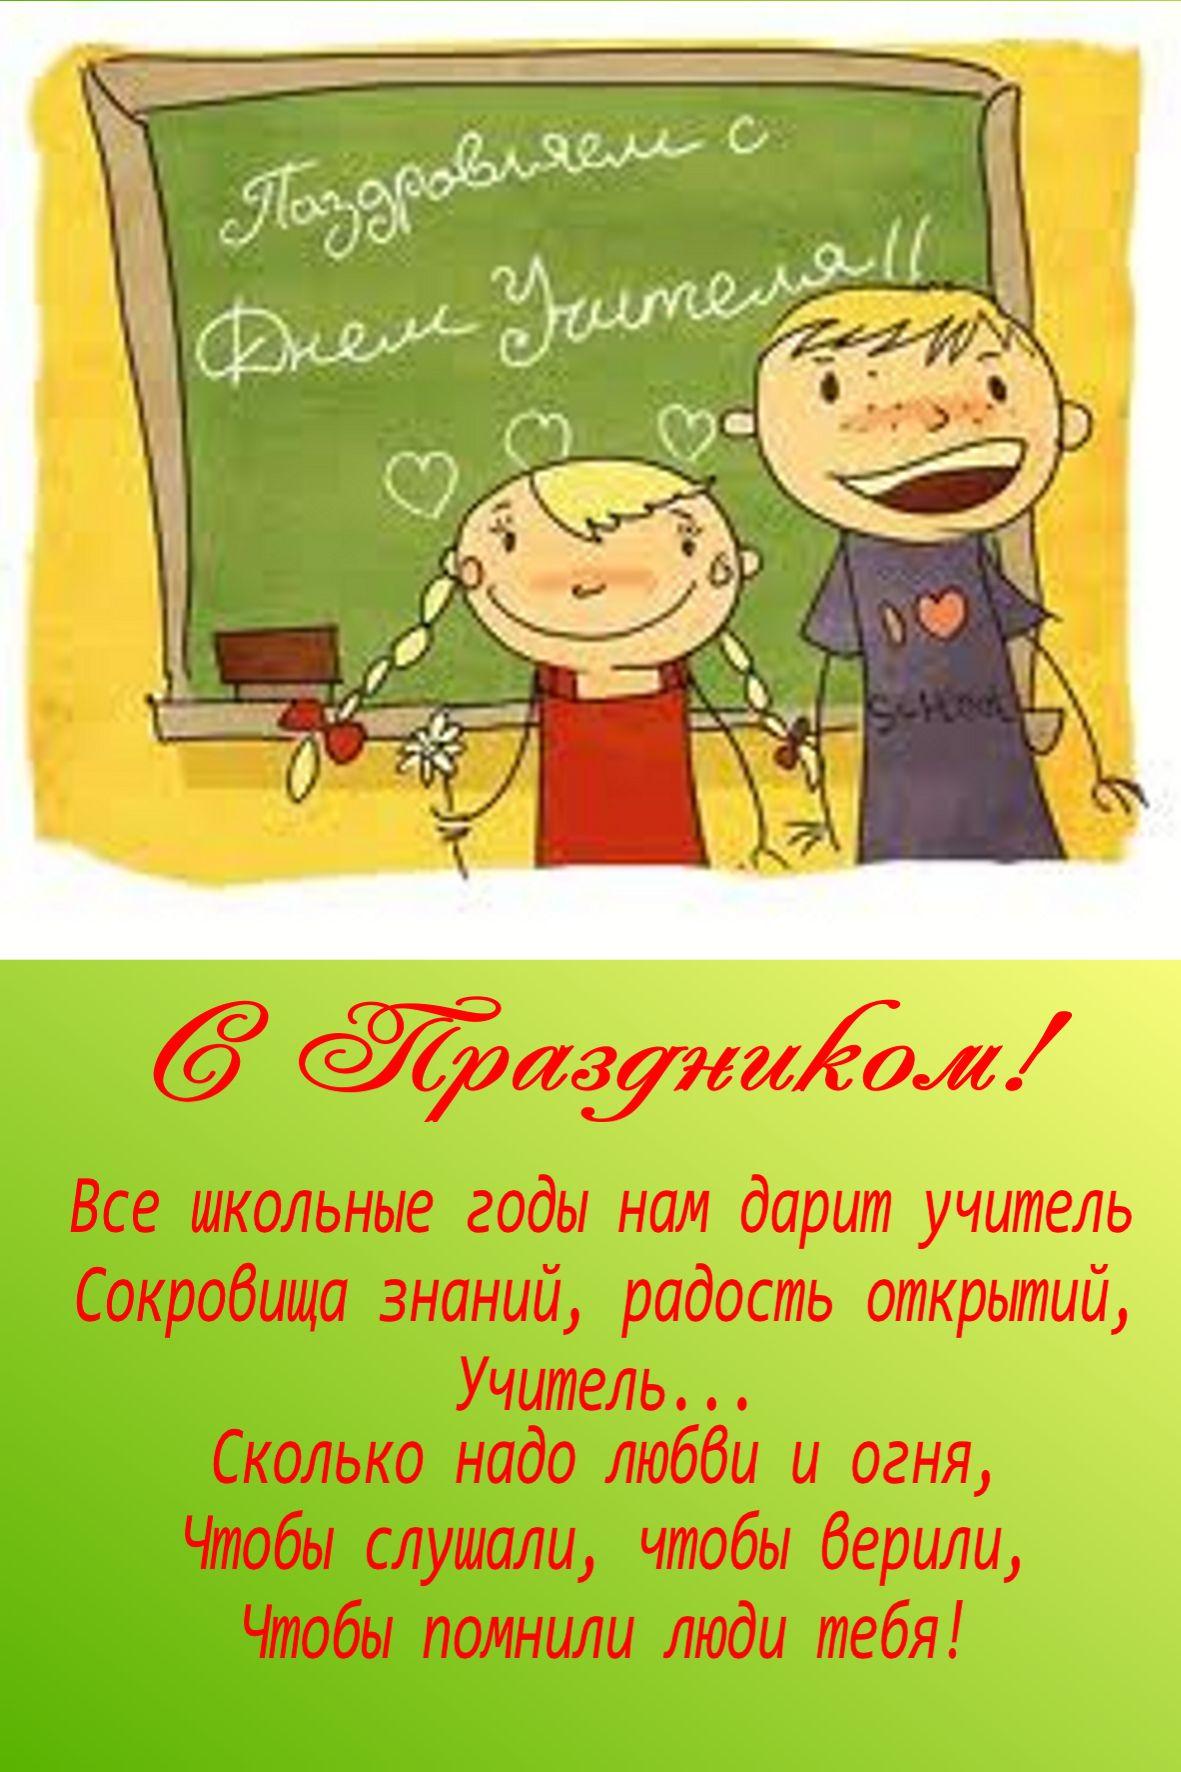 Веселые поздравление с днем учителя коллегам